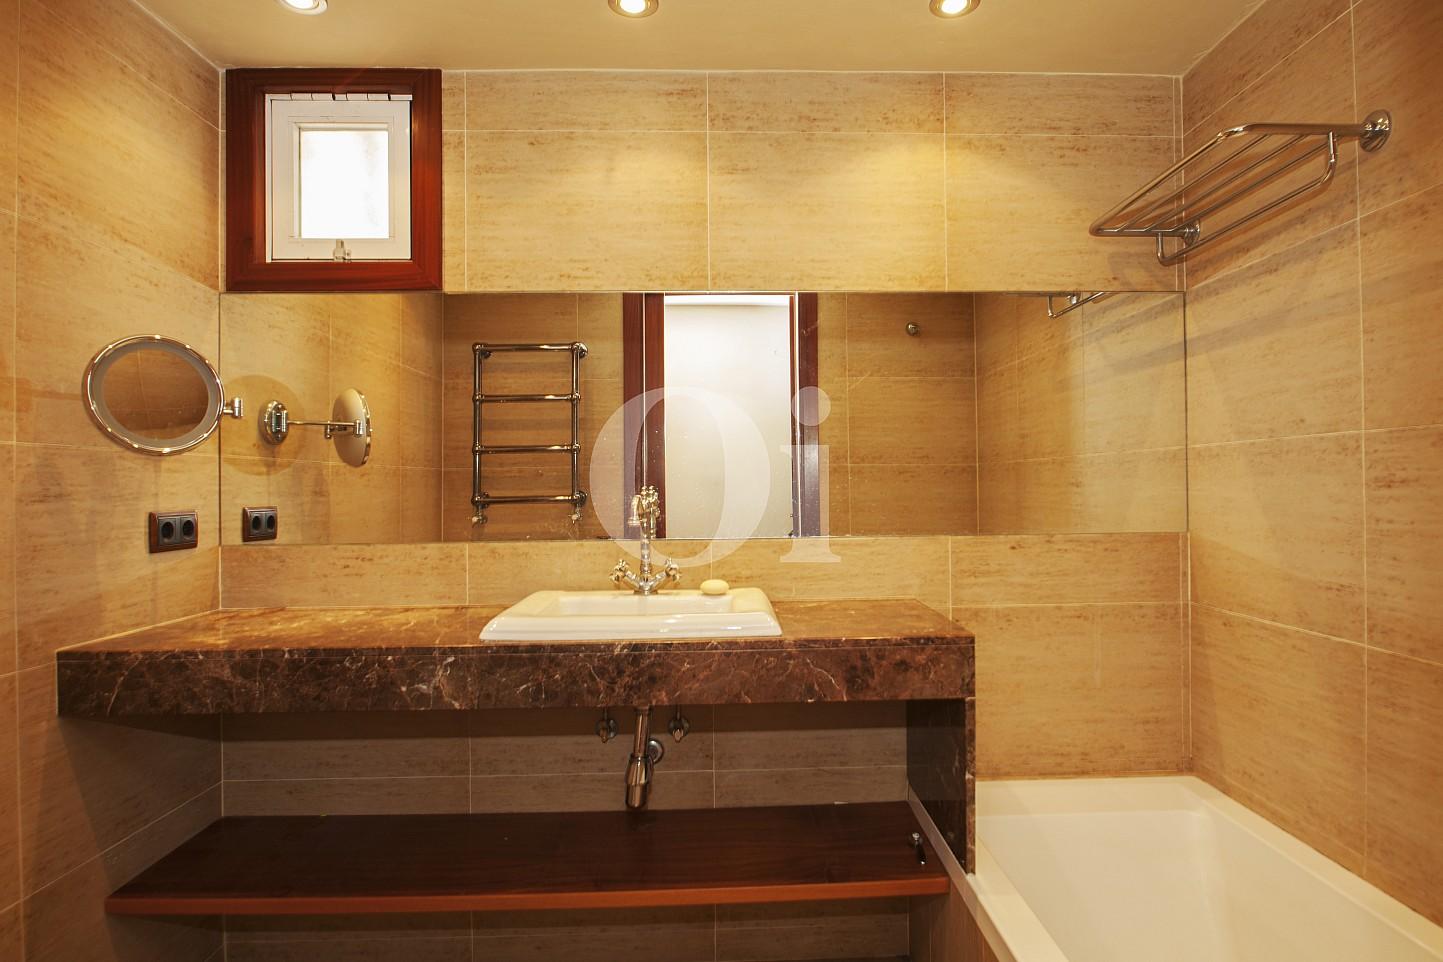 Salle de bain de l'ático en vente à Sant Vicenç de Montalt